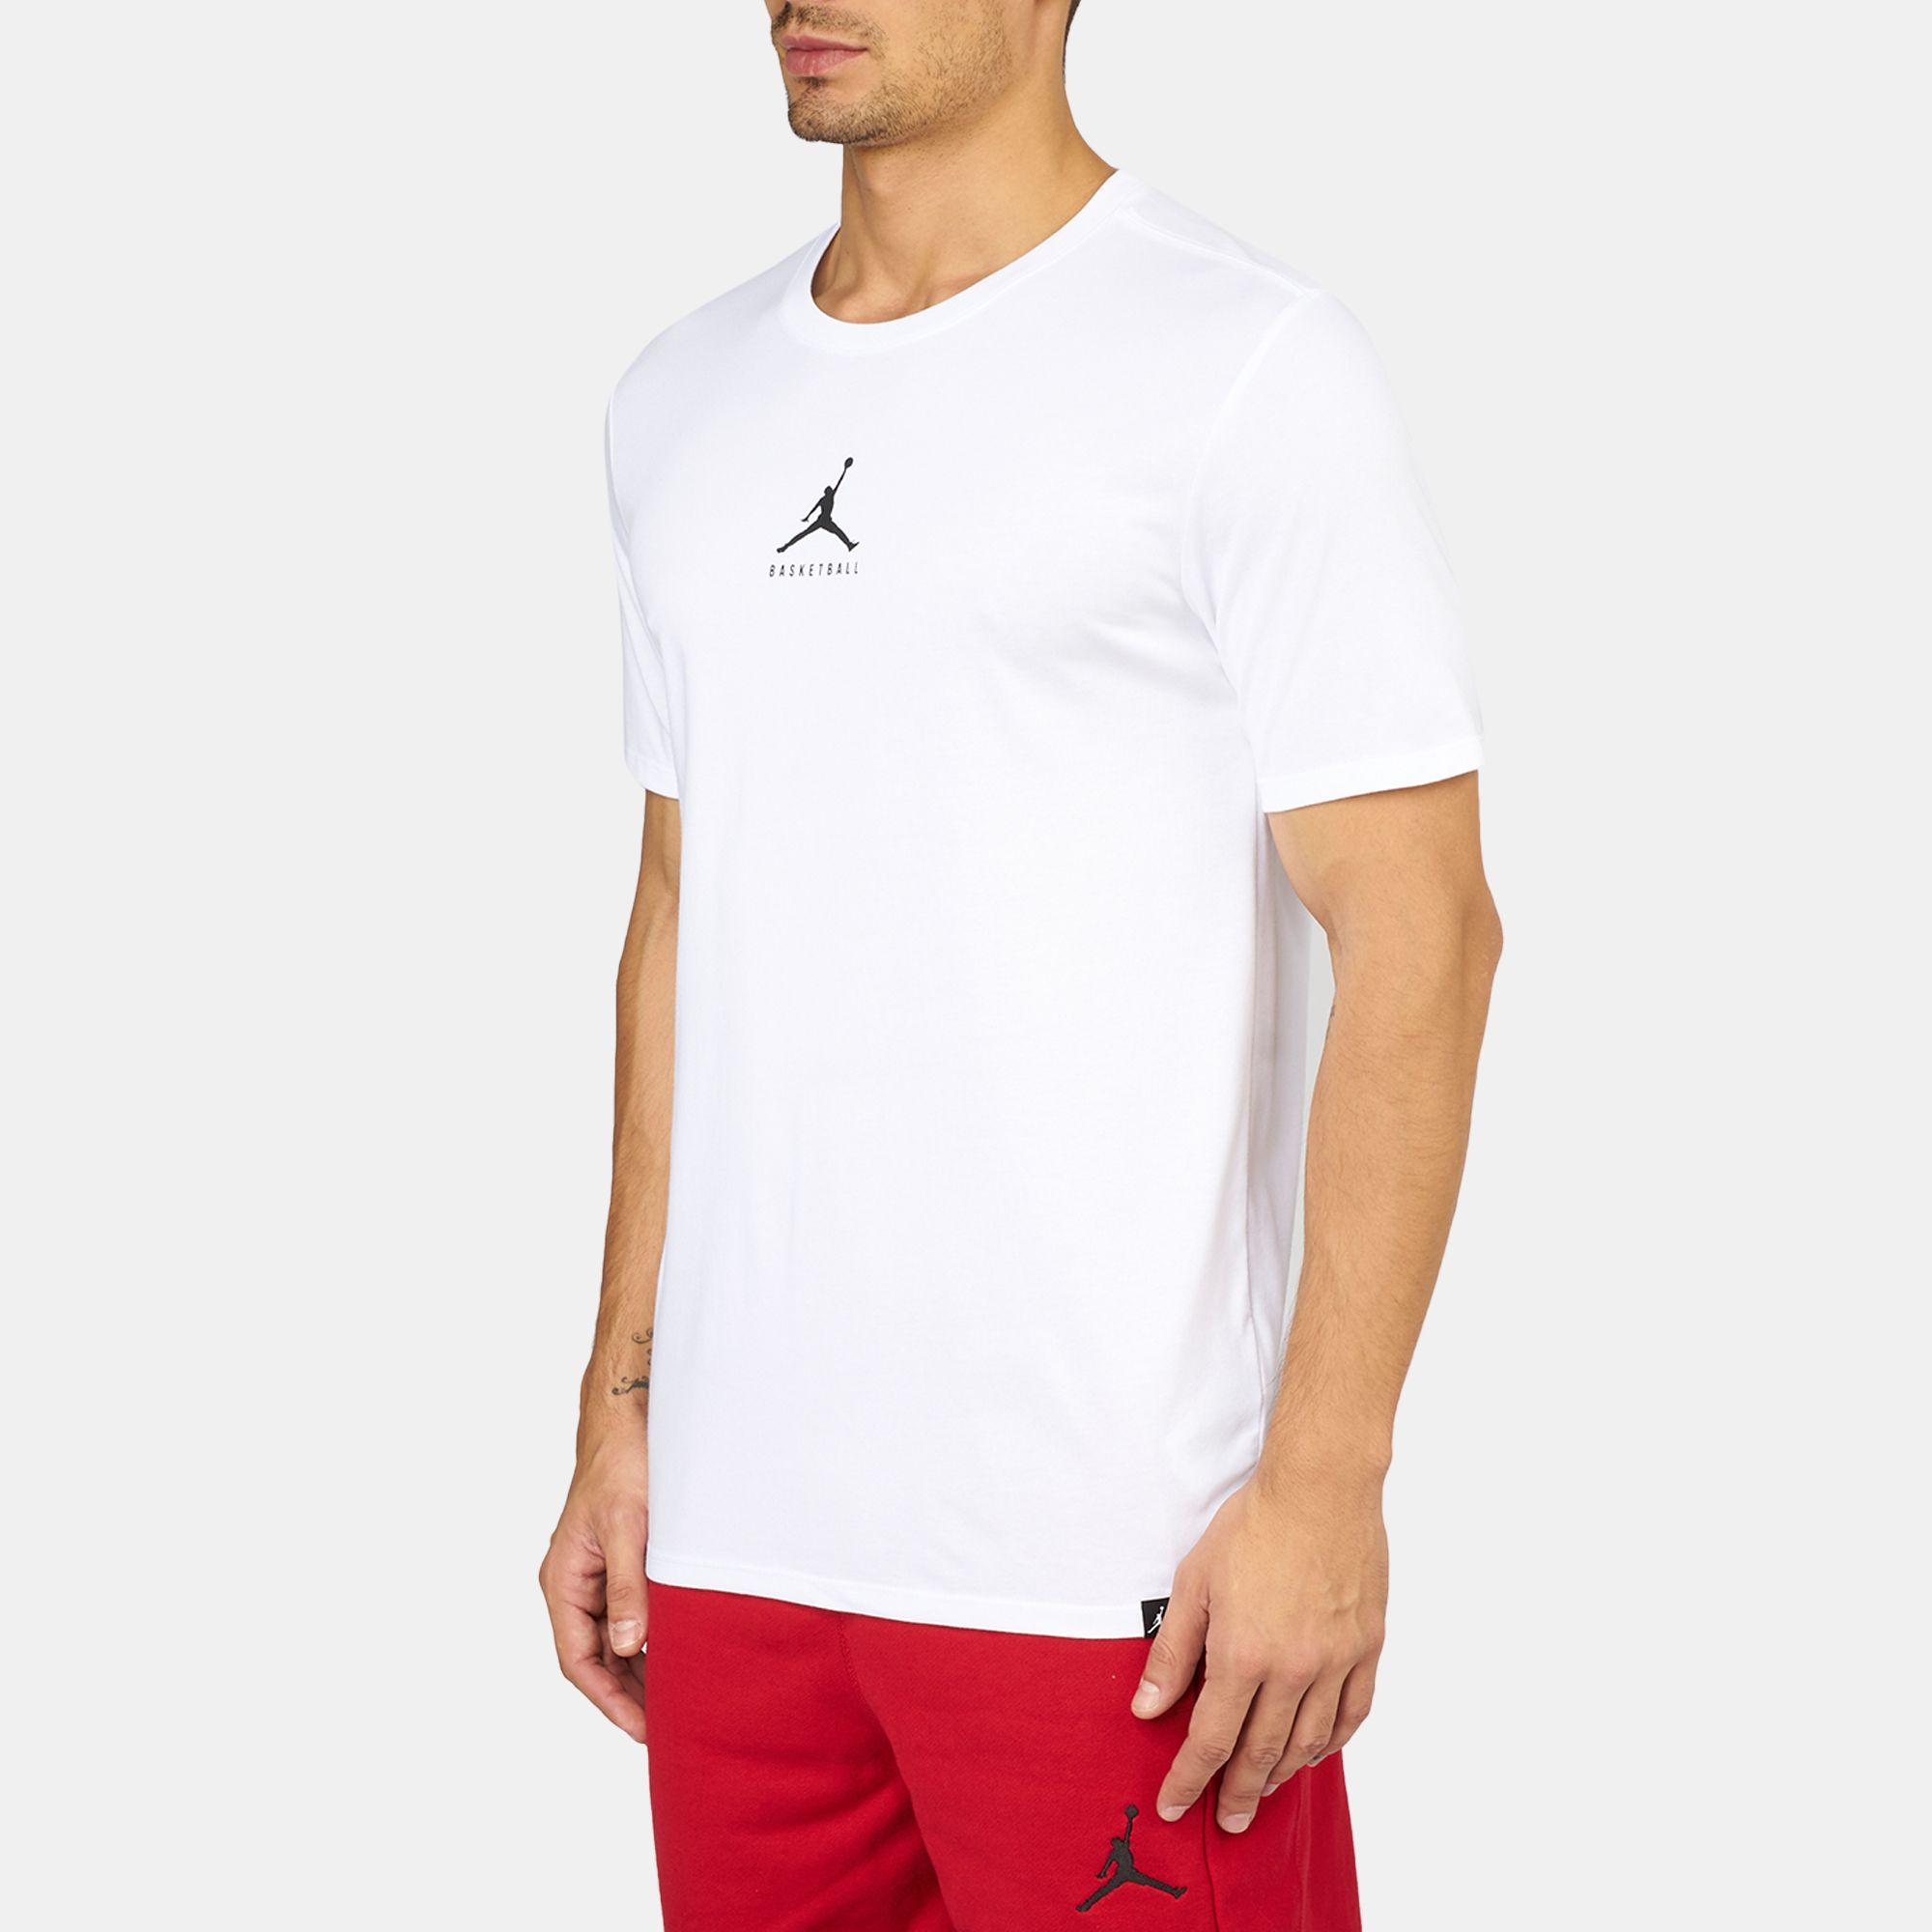 d6a2846eef14 Jordan Dry 23 7 Jumpman Basketball T-Shirt